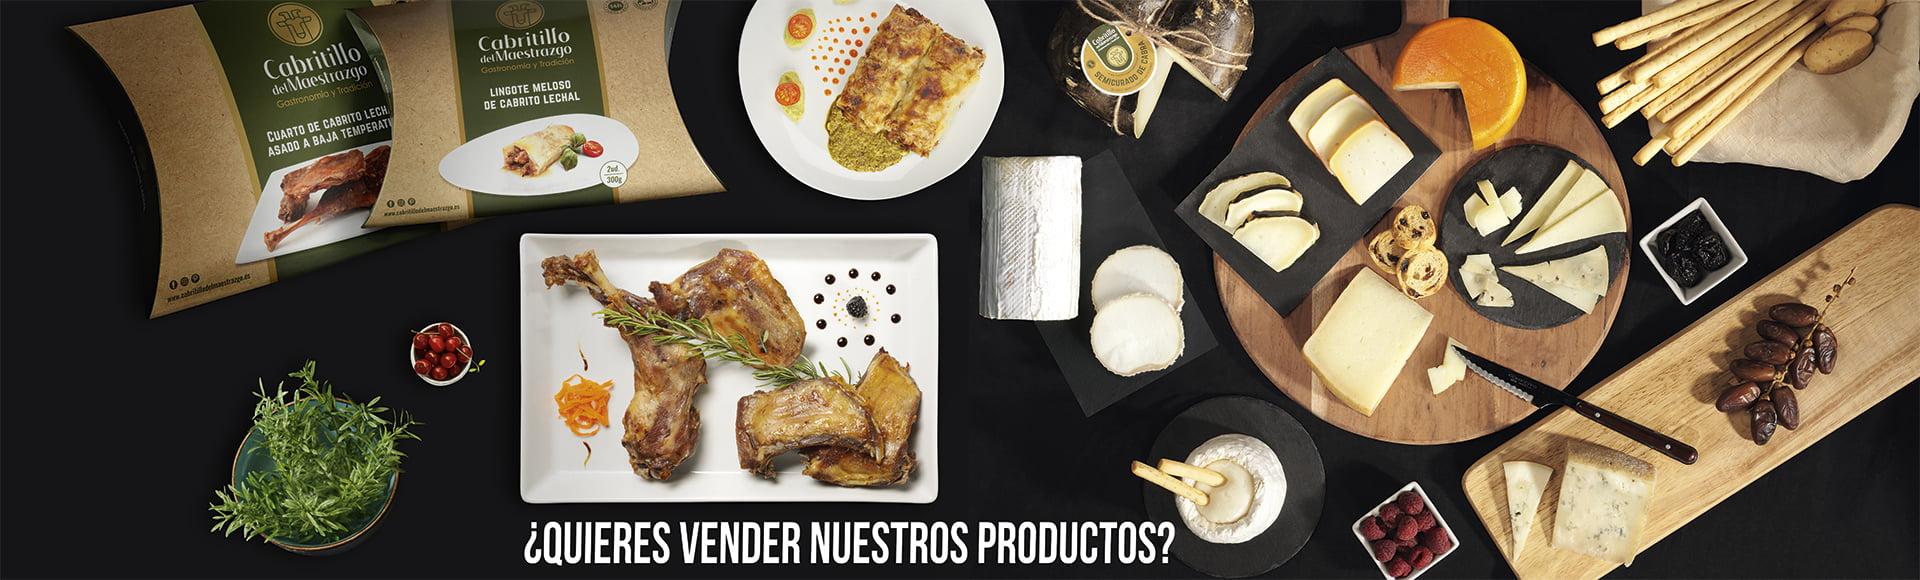 ¿Quieres vender nuestros productos en tu restaurante?